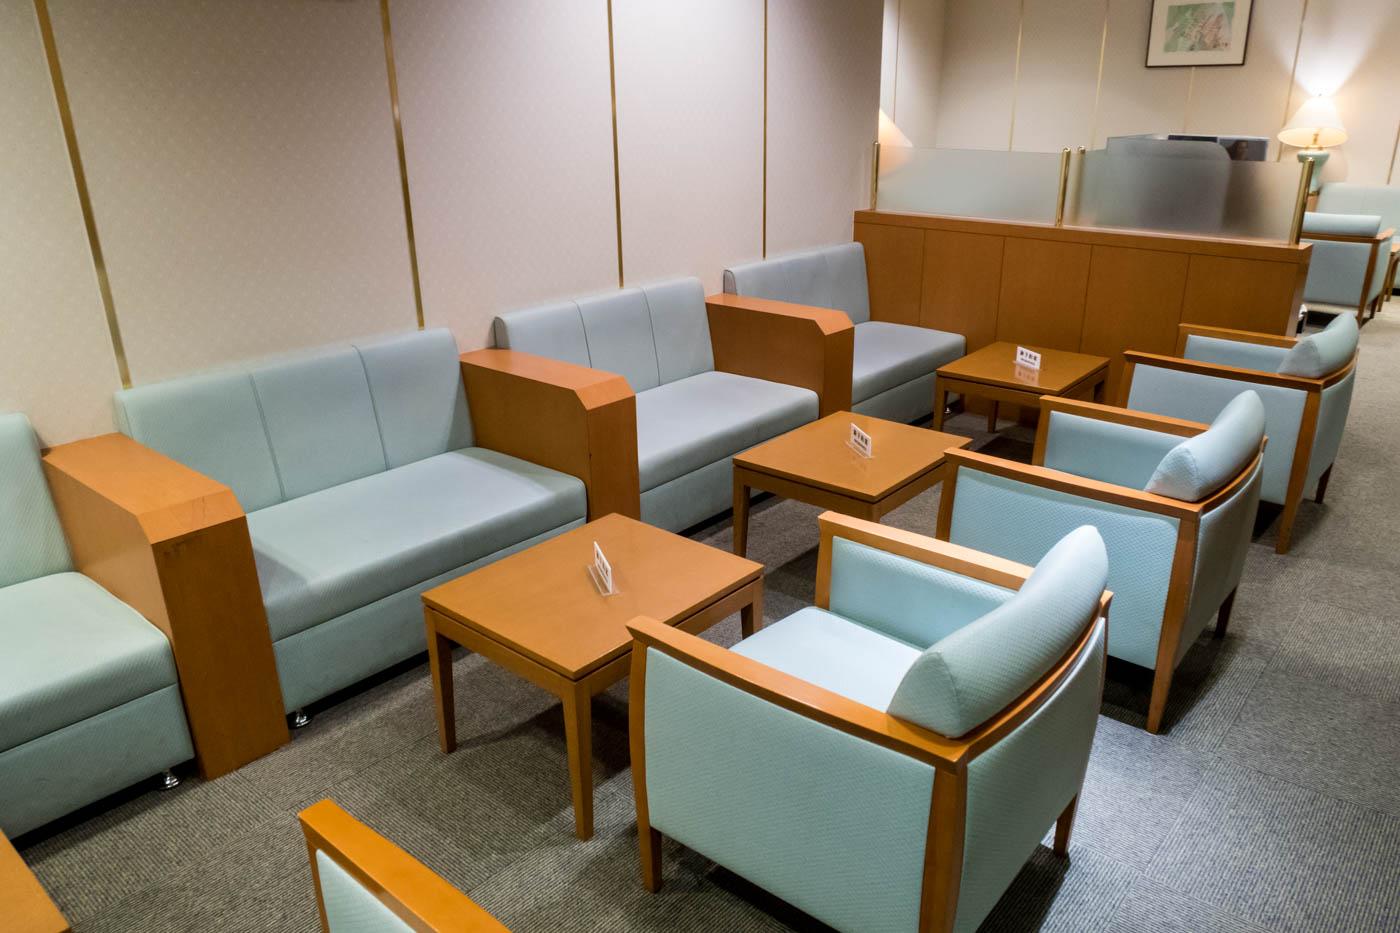 KAL Lounge Fukuoka Seating